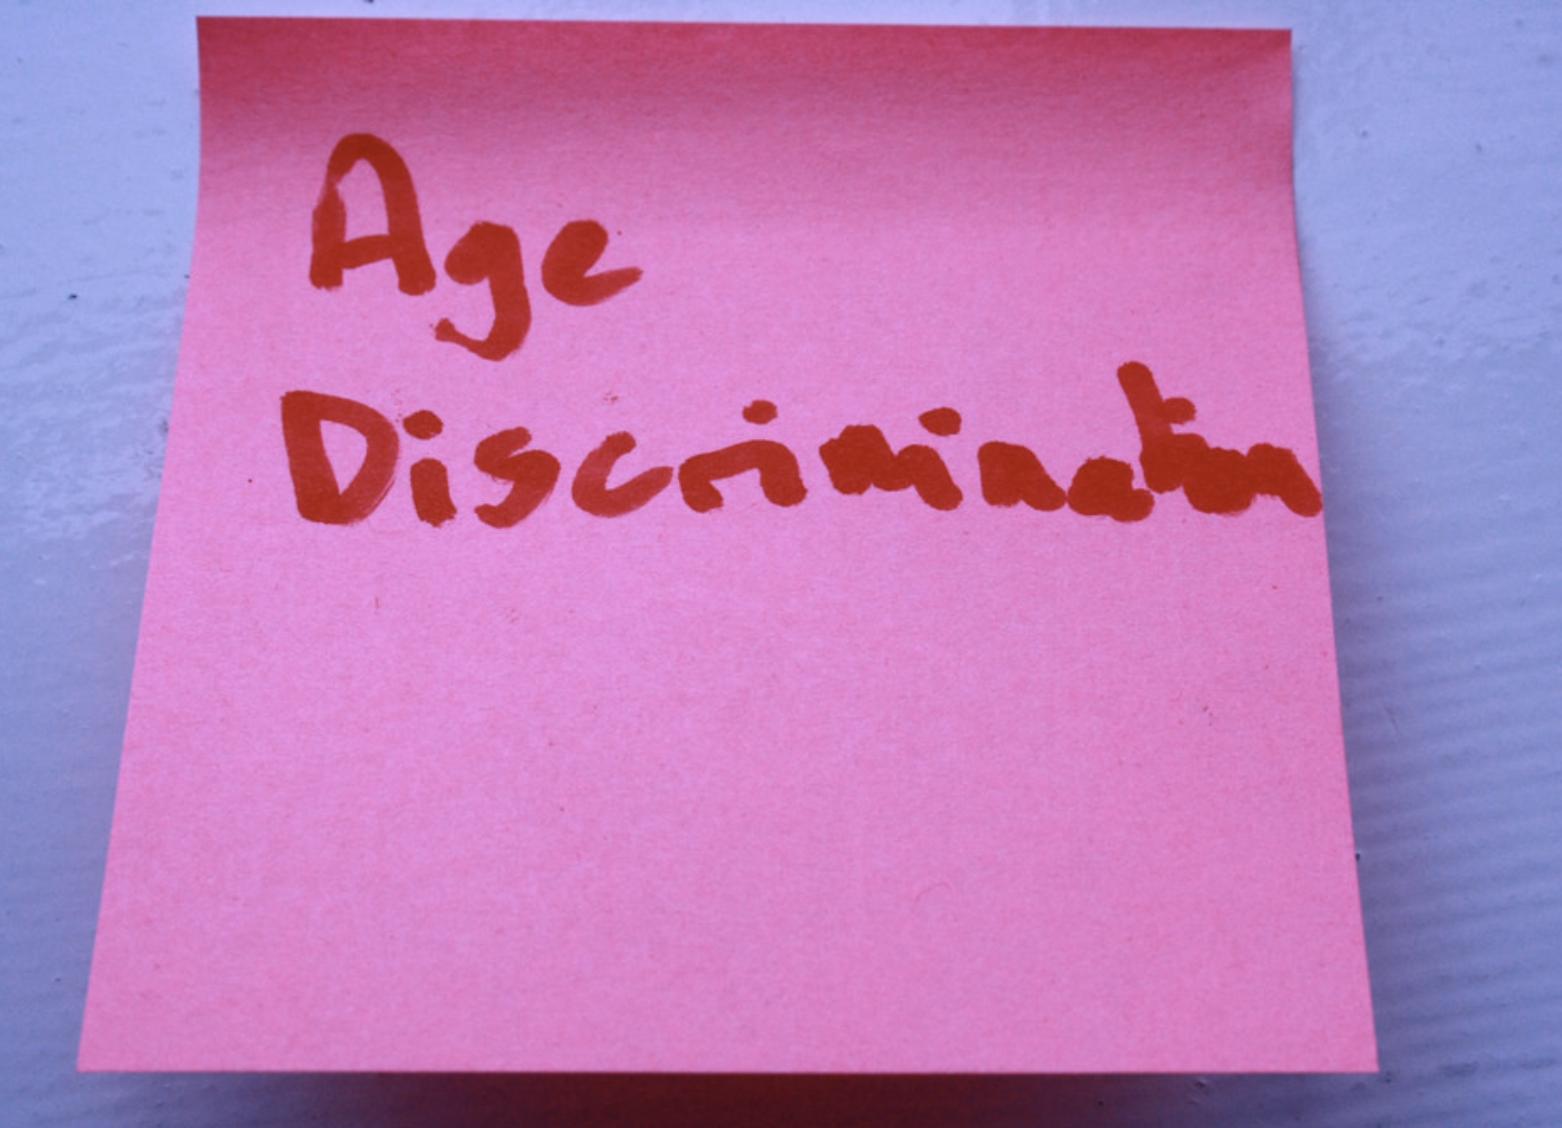 Ageism and Self-prejudice